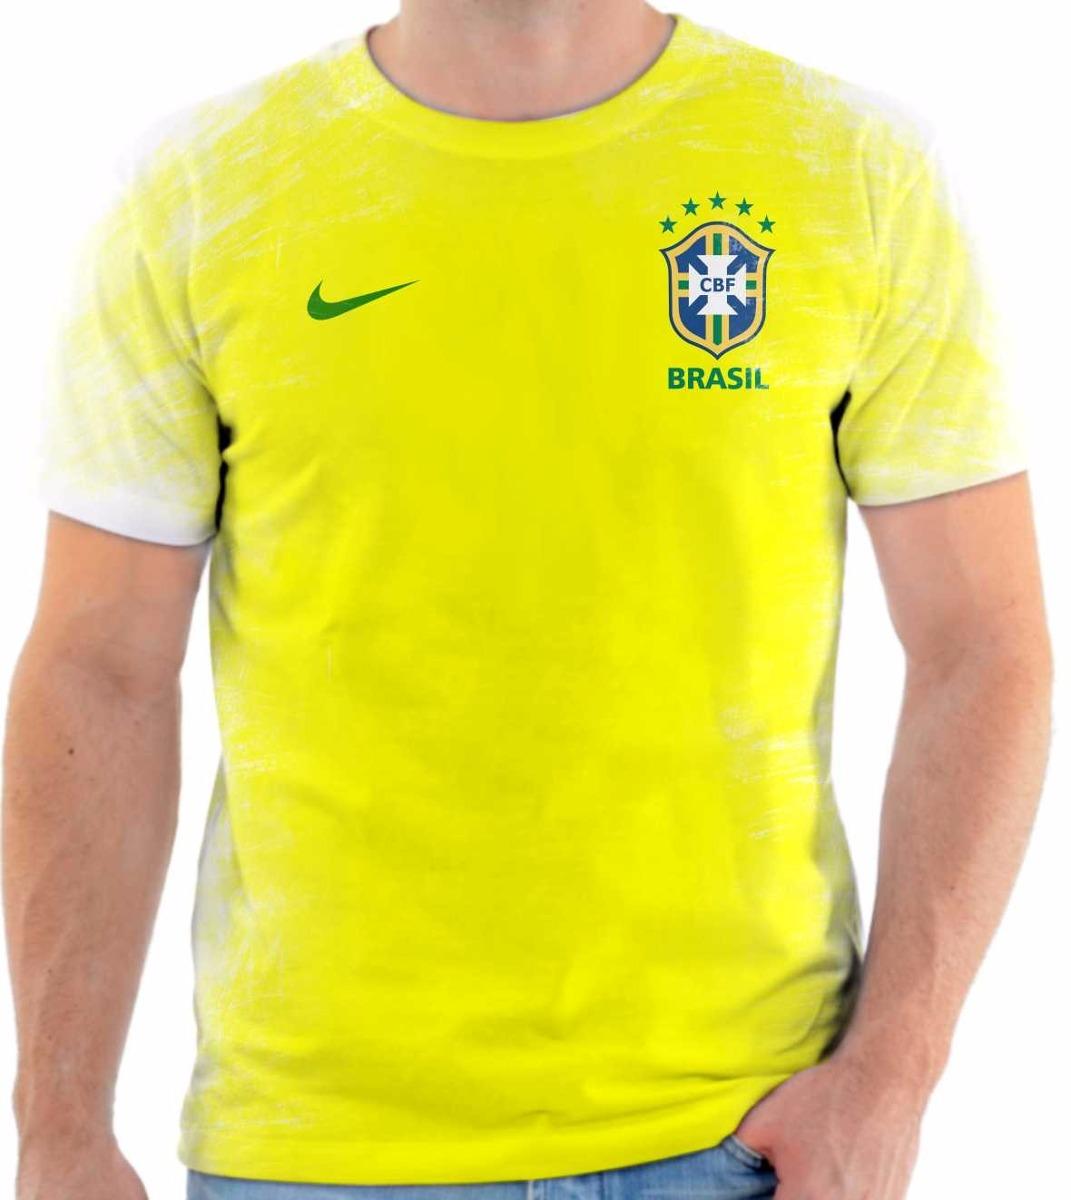 90002a08d40e93  camisa camiseta seleção brasileira olimpiadas 2016 rio  linda. Carregando zoom. 04b22fe0c69ec4  Camiseta Nike Brasil I Torcedor  Masculina ... 4db1388499dce